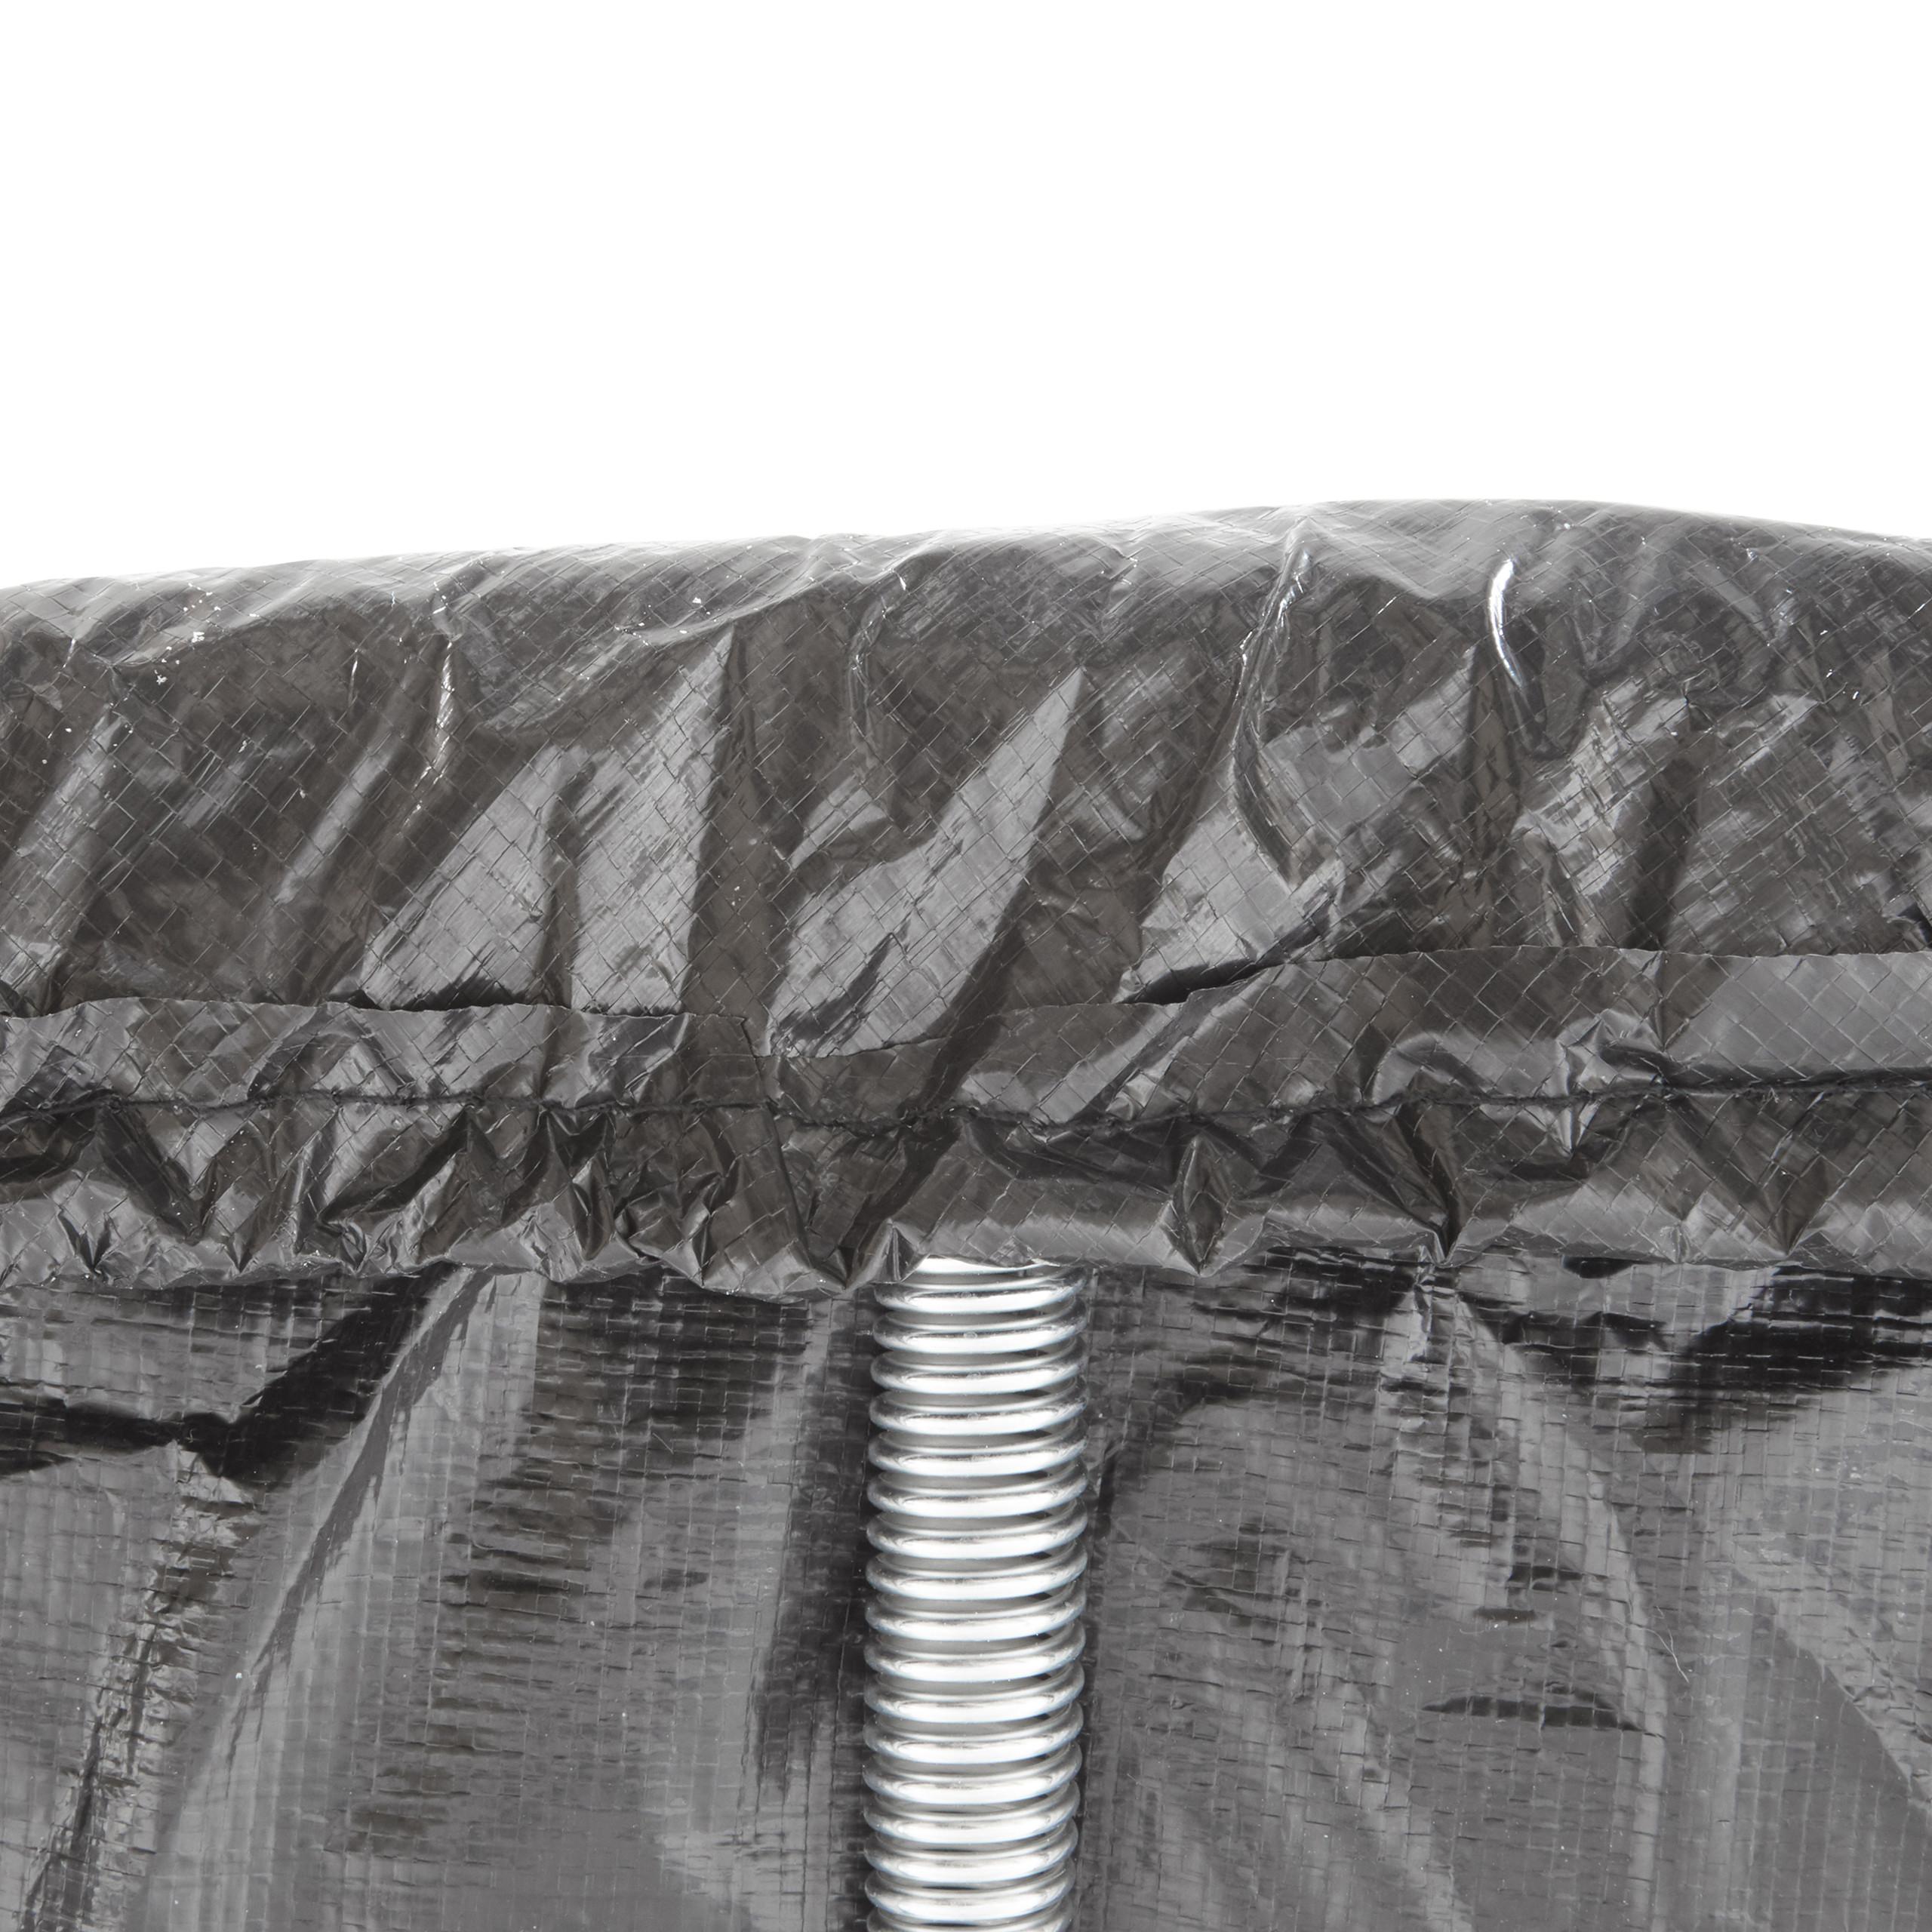 Housse-de-Protection-pour-Trampoline-Bache-pluie-vent-jardin-intemperies miniature 22